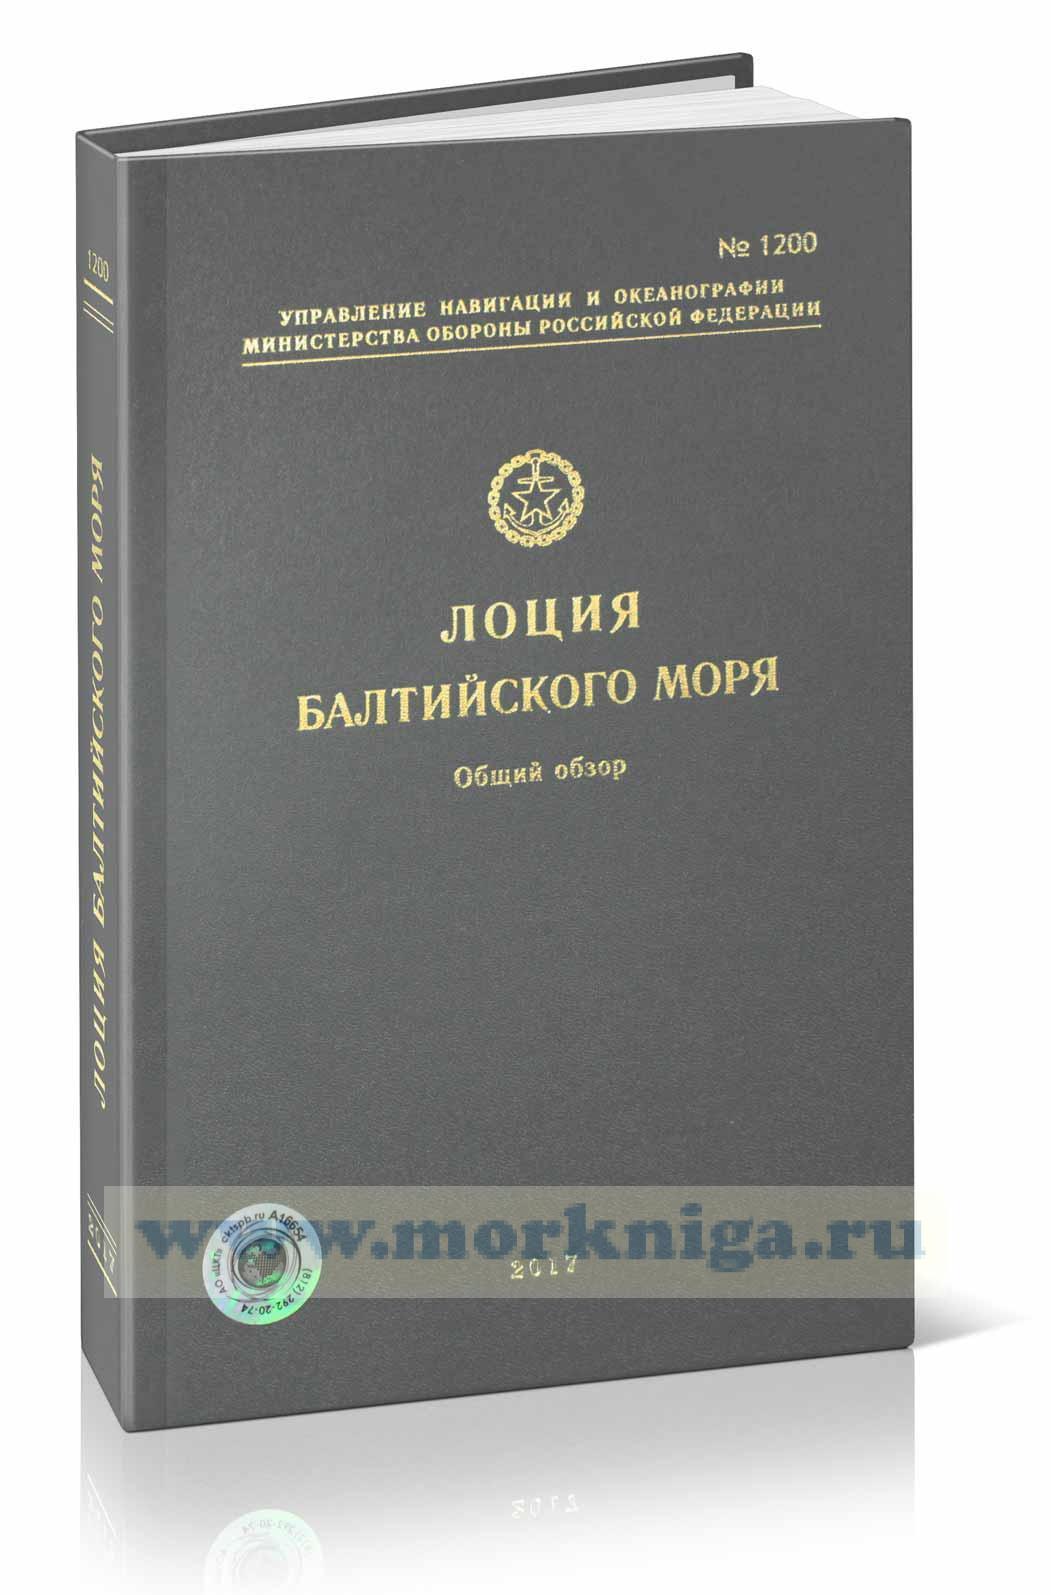 Лоция Балтийского моря. Общий обзор. Адм. № 1200 (+ сводная корректура Адм. № 1200 С, 2017 г.)